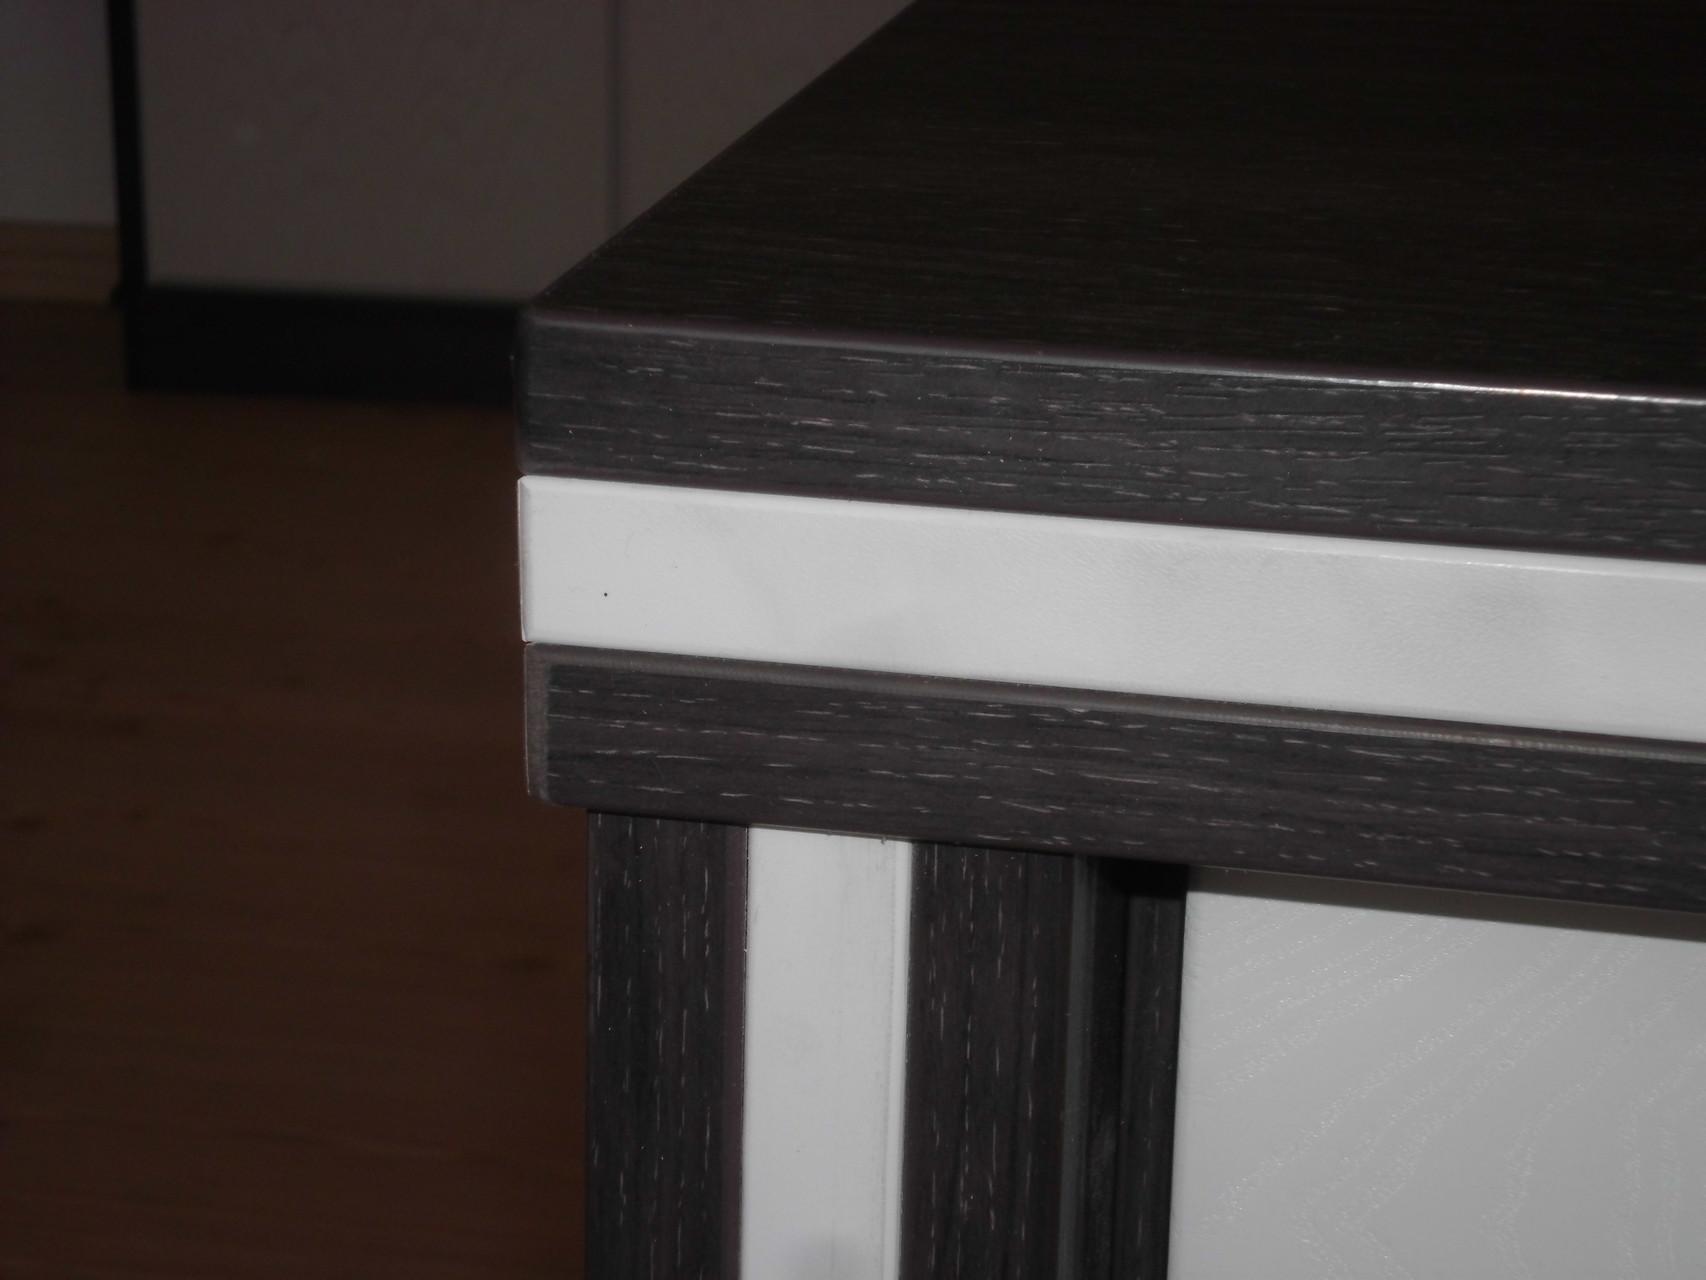 Schreibtisch Detailansicht Ecke